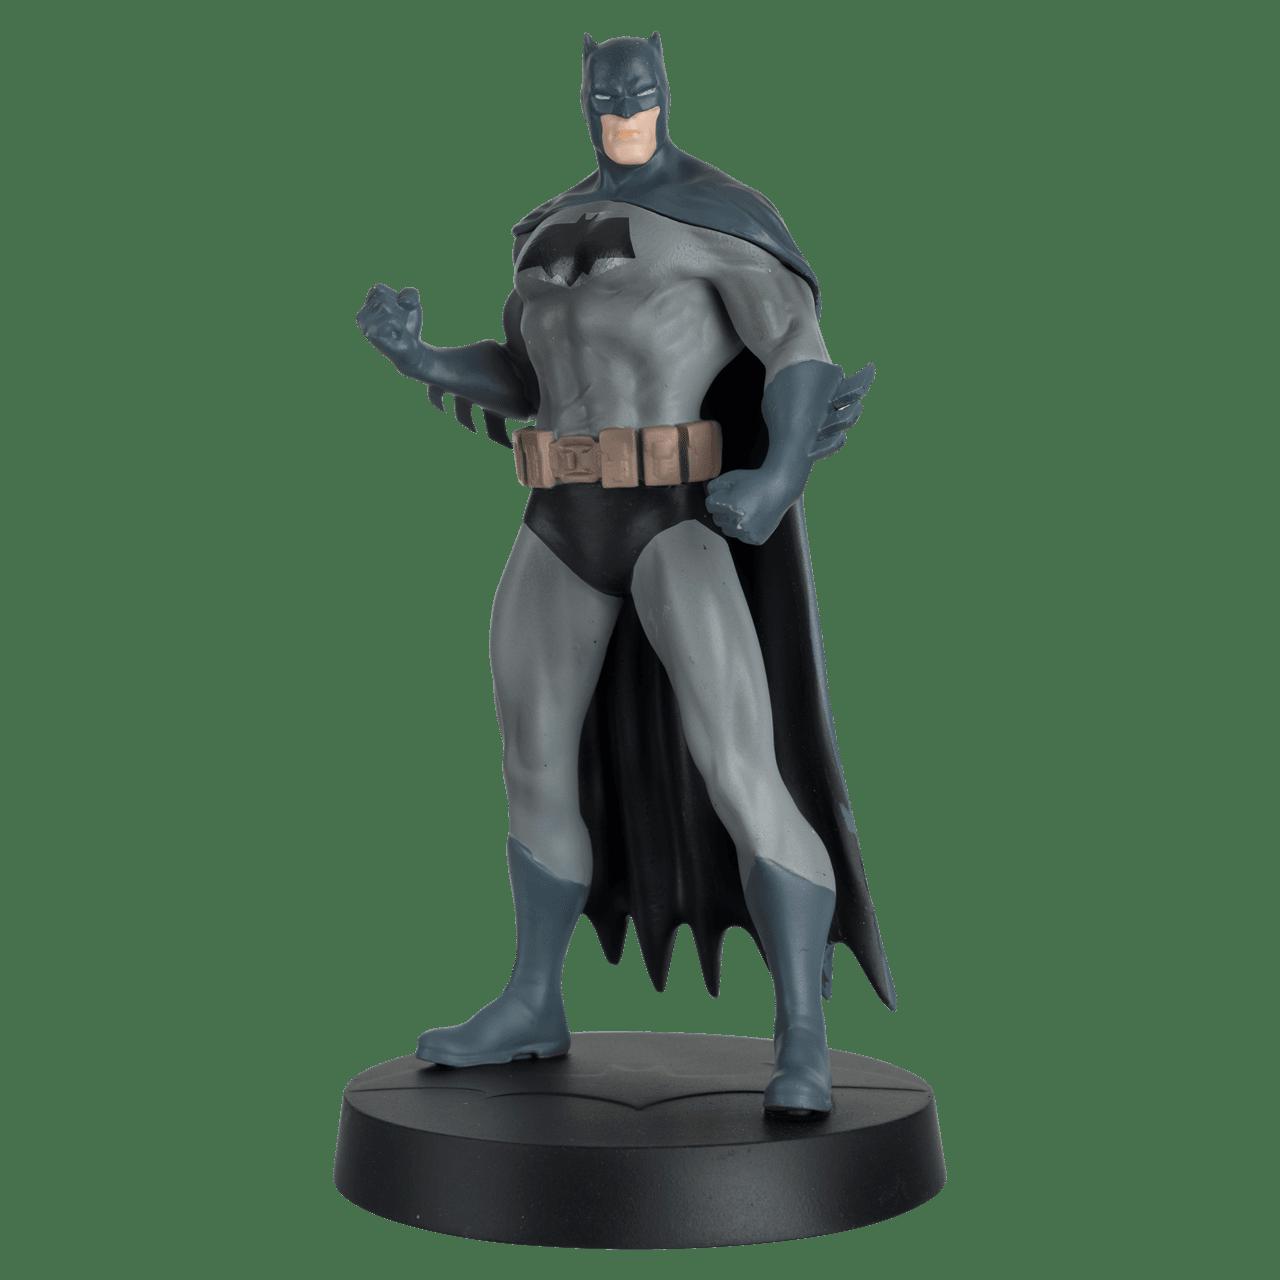 Batman Decades 2010 Figurine: Hero Collector - 1